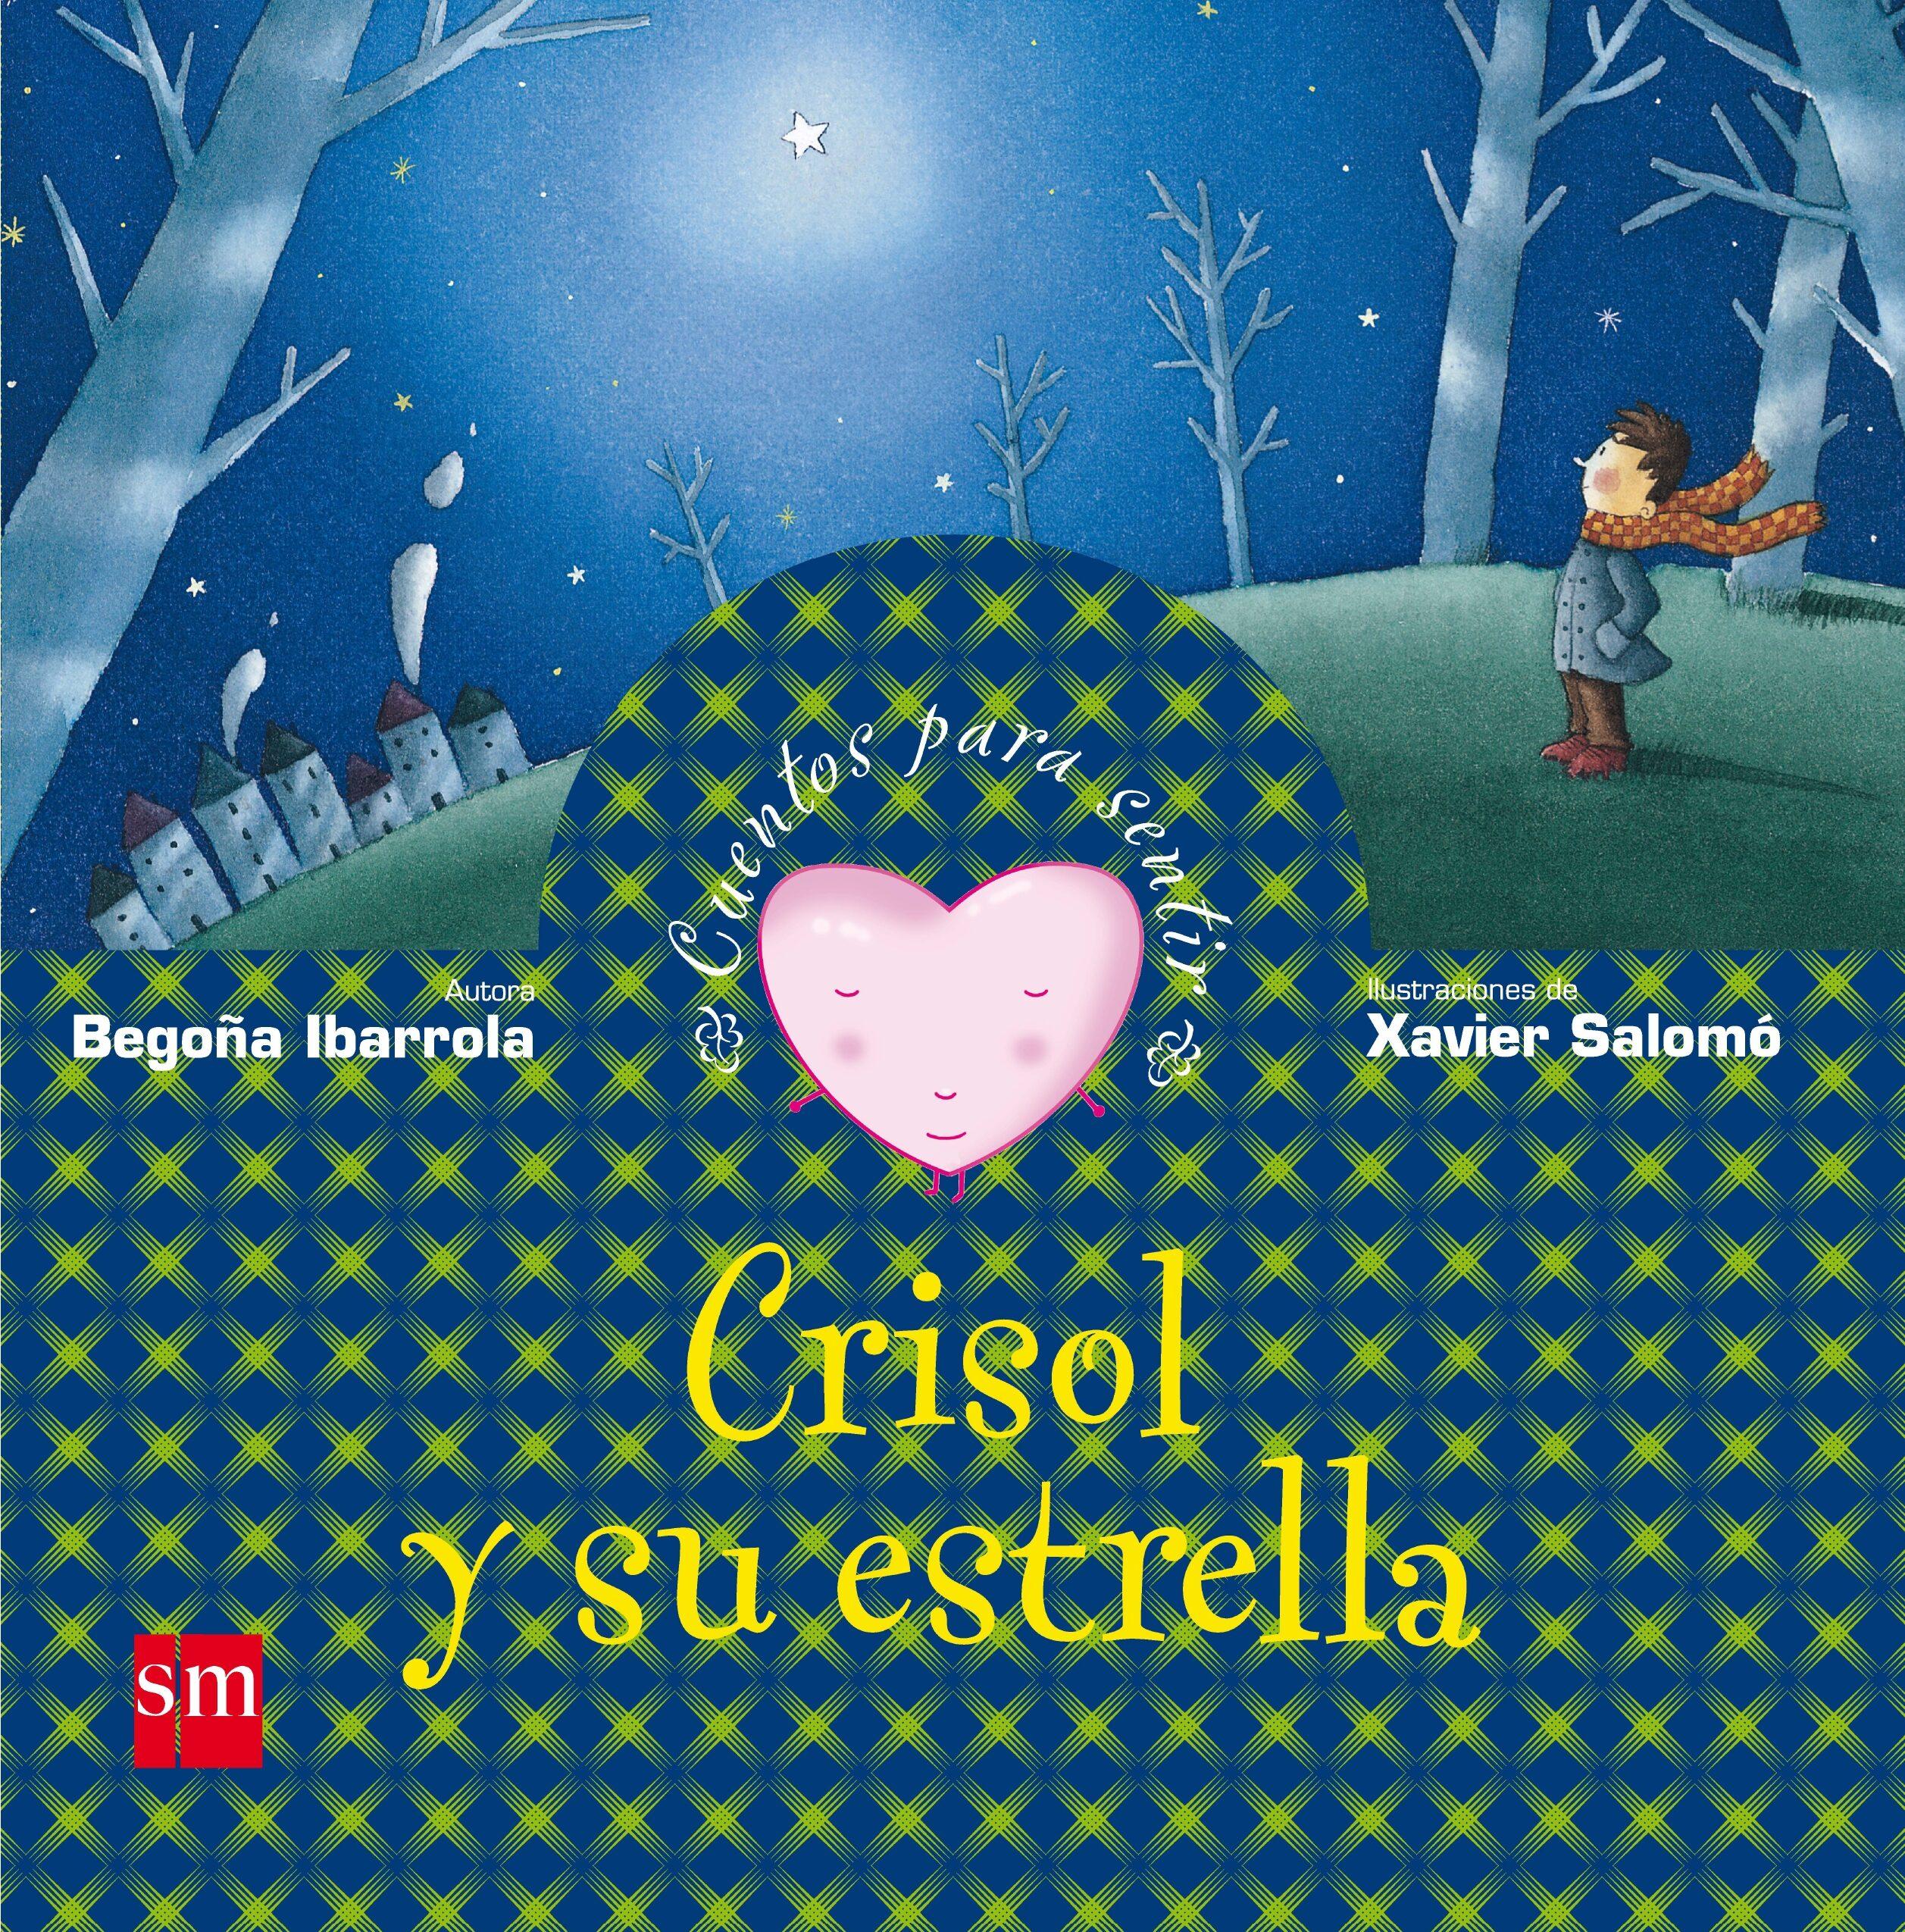 crisol y su estrella (cuentos para sentir emociones) confianza en uno mismo-begoña ibarrola-9788467507355